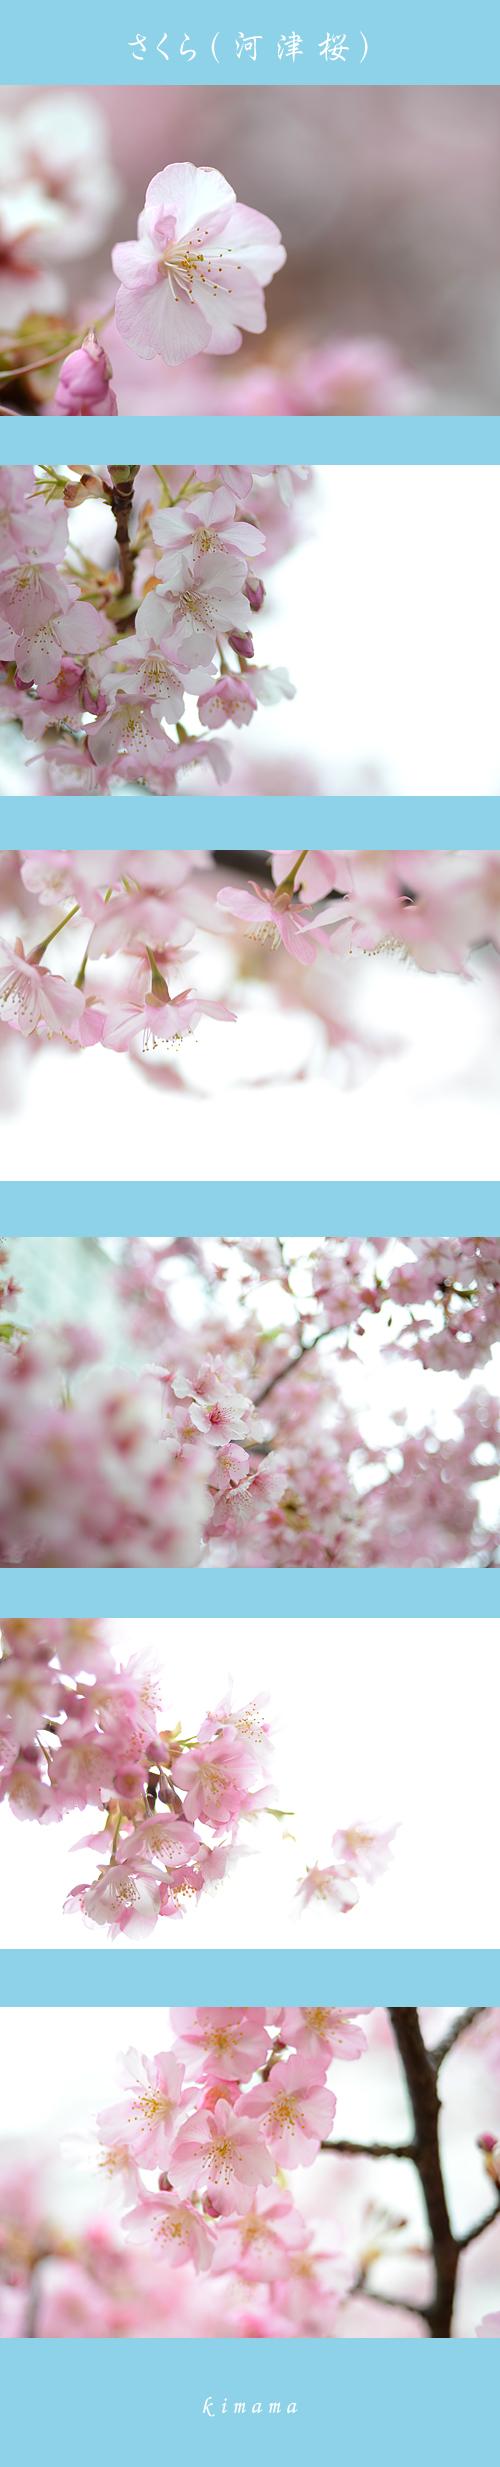 3月14日河津桜